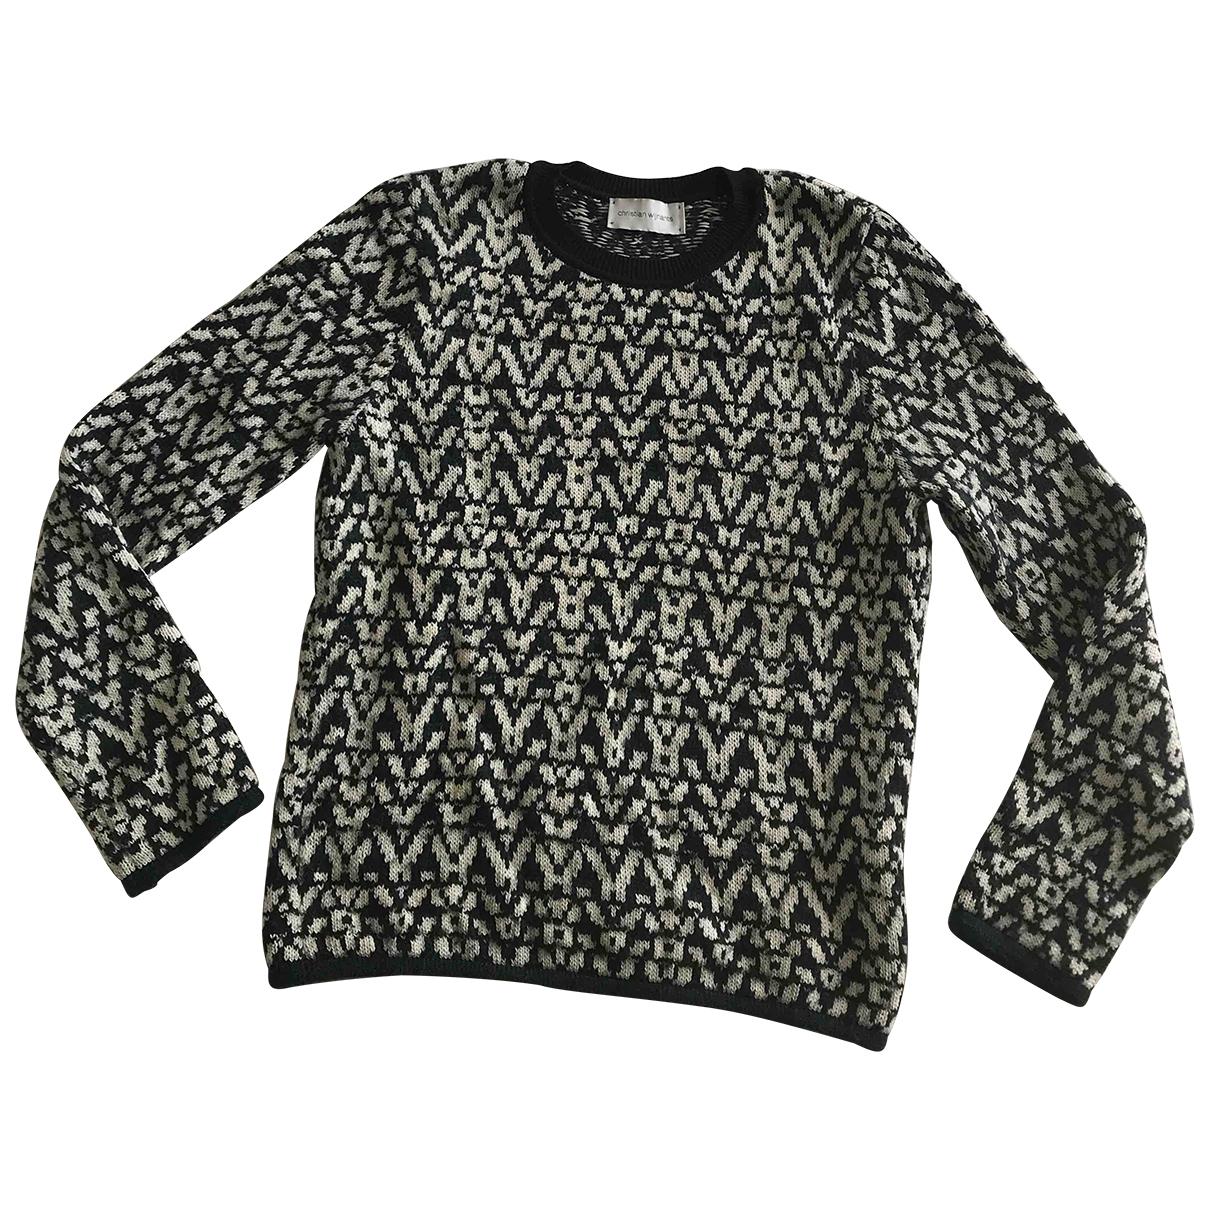 Christian Wijnants \N White Cotton Knitwear for Women S International